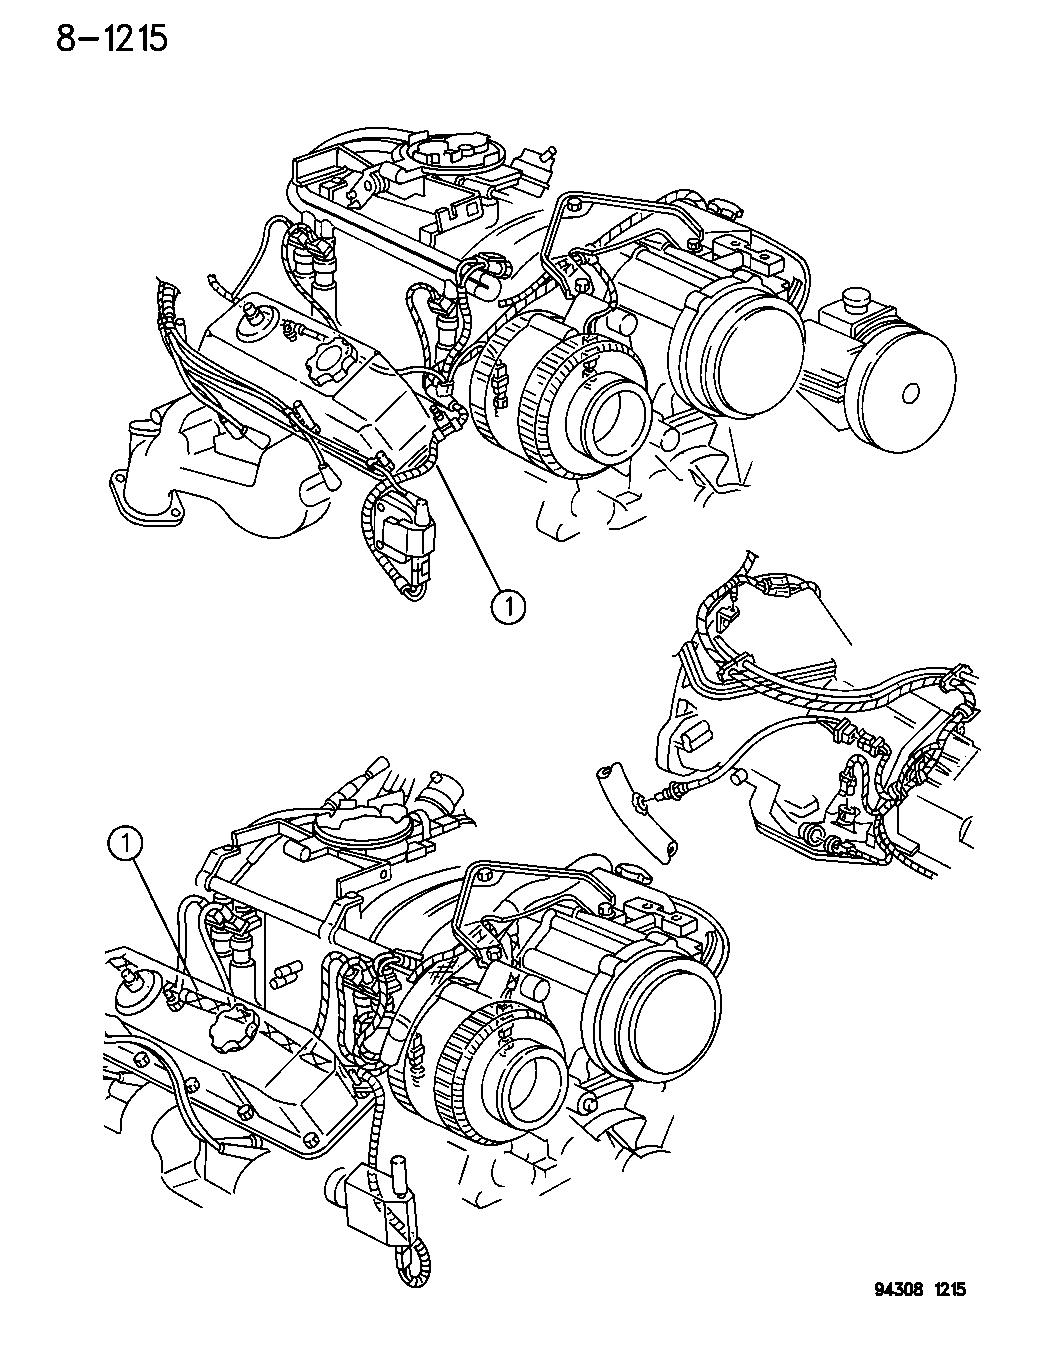 Diagram Wiring Diagram Dodge Ram Van Full Version